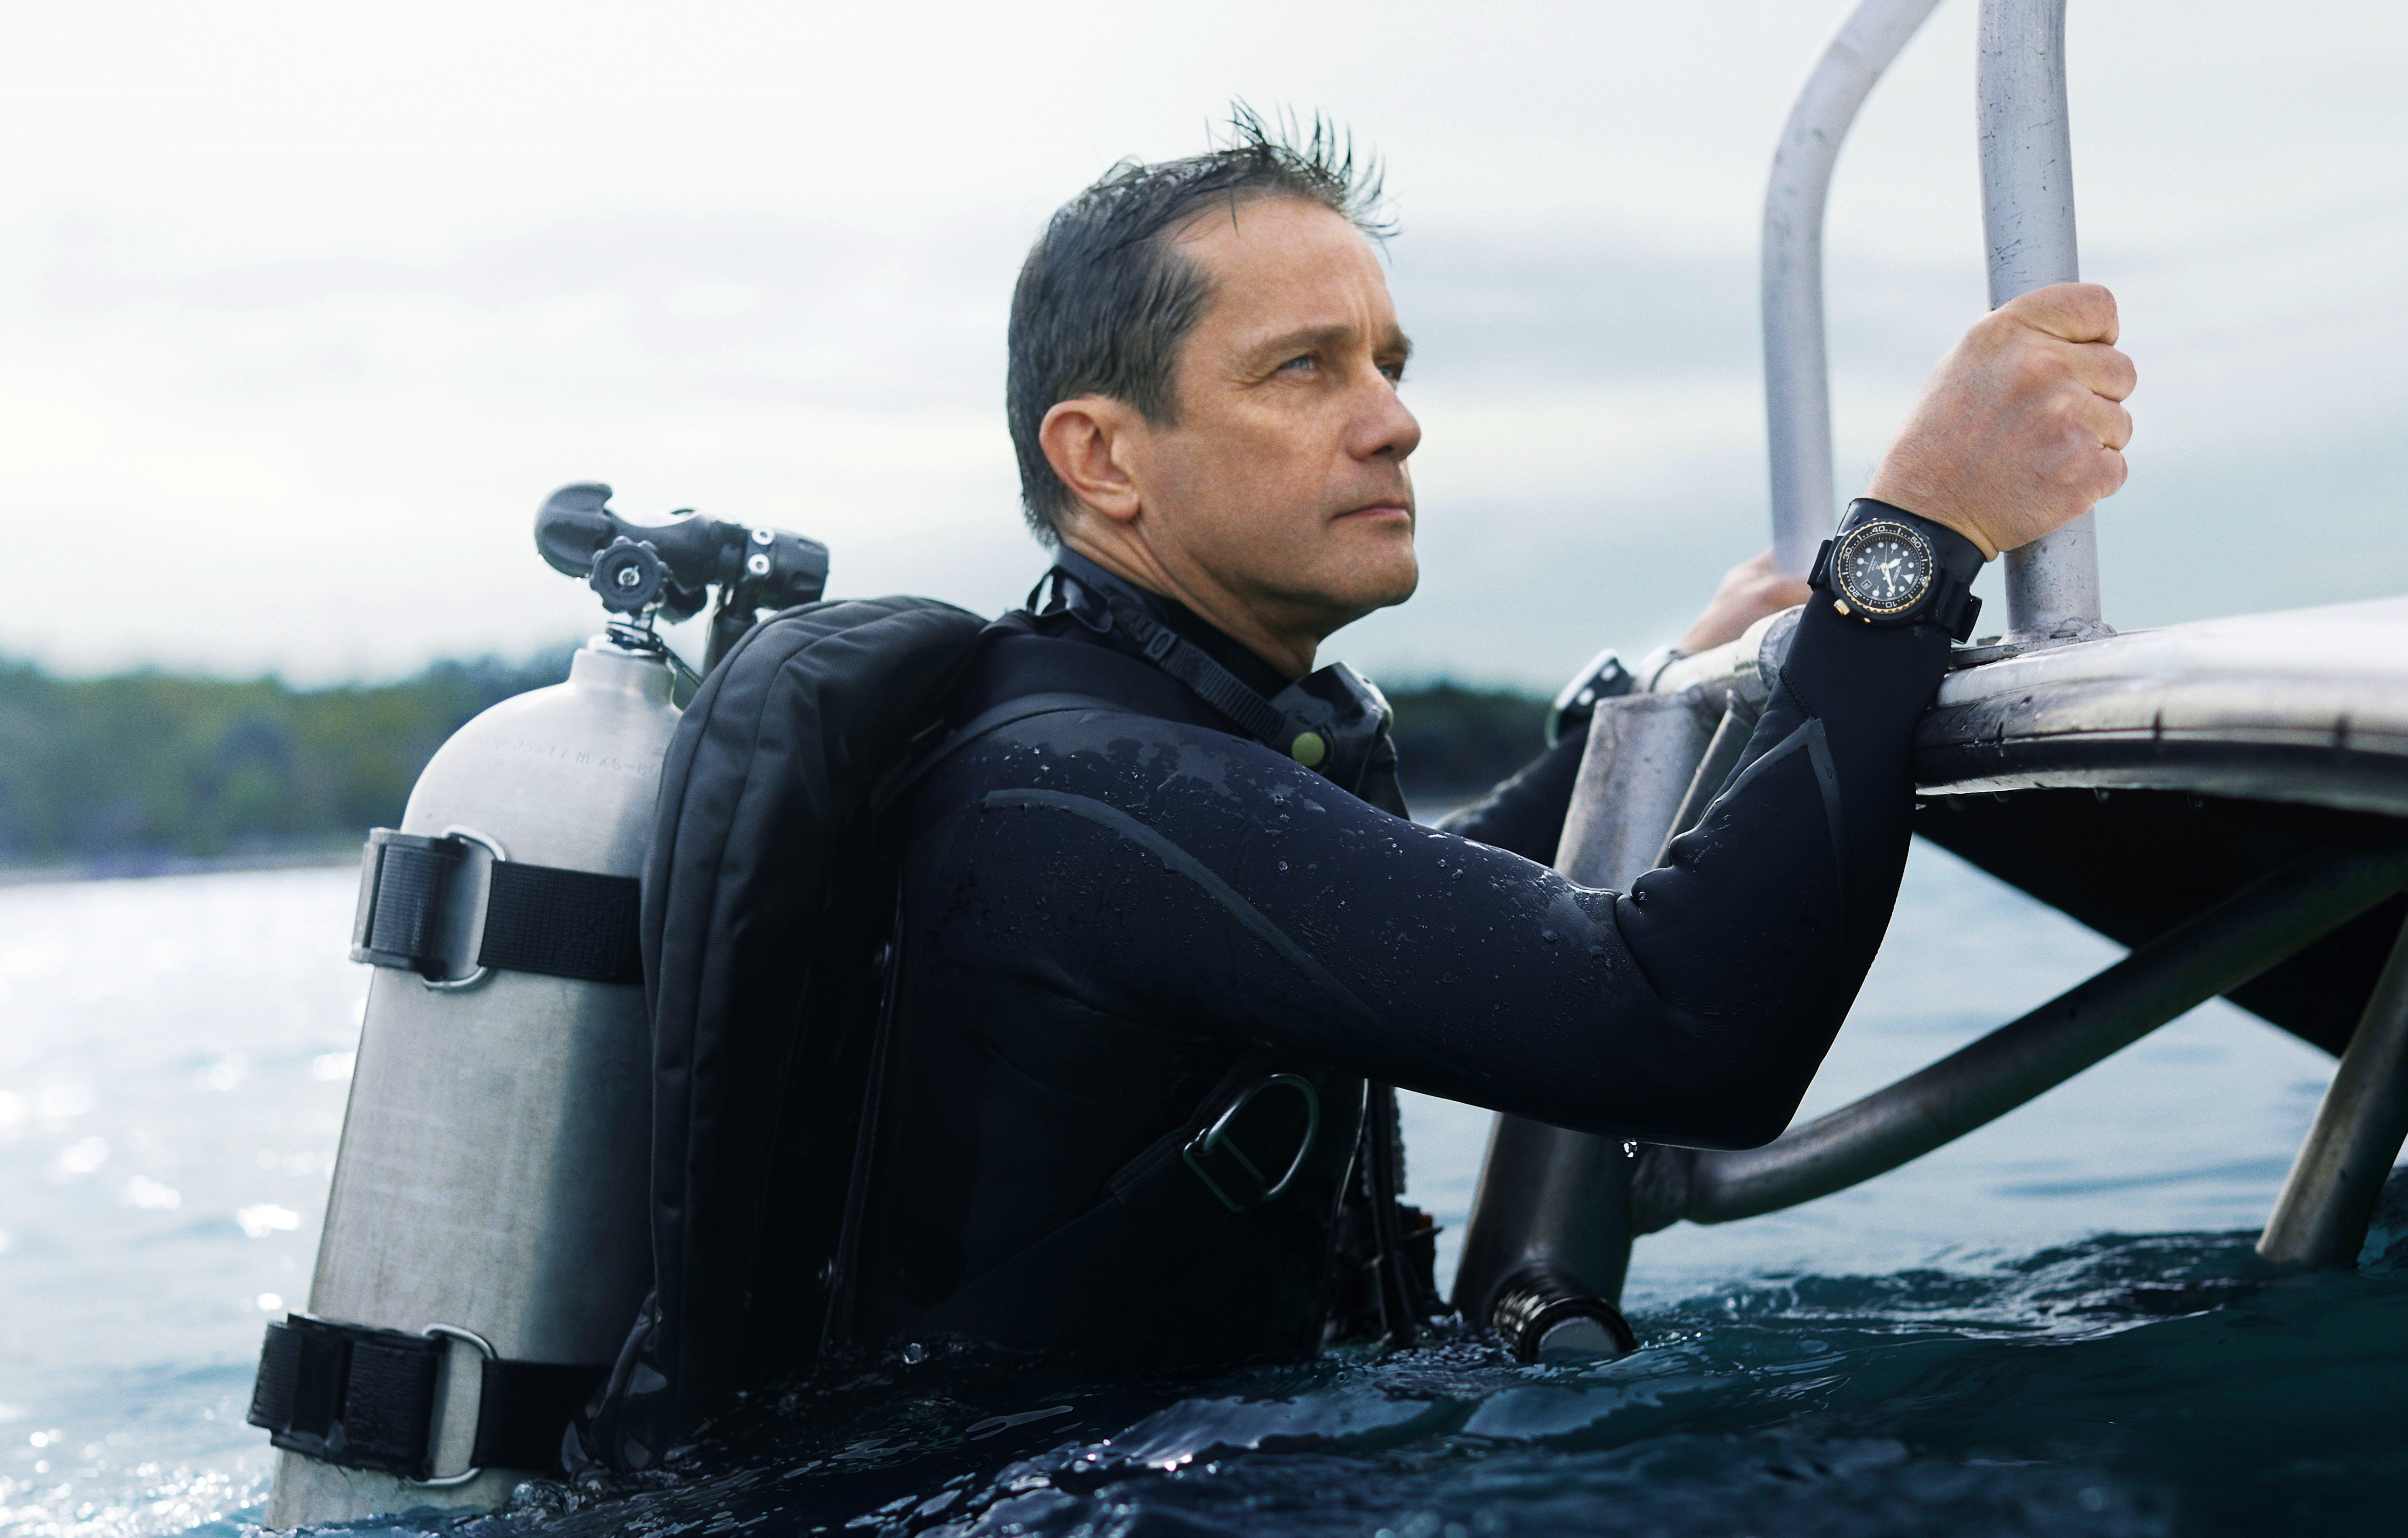 Seiko Prospex indgår nyt samarbejde med Fabien Cousteau